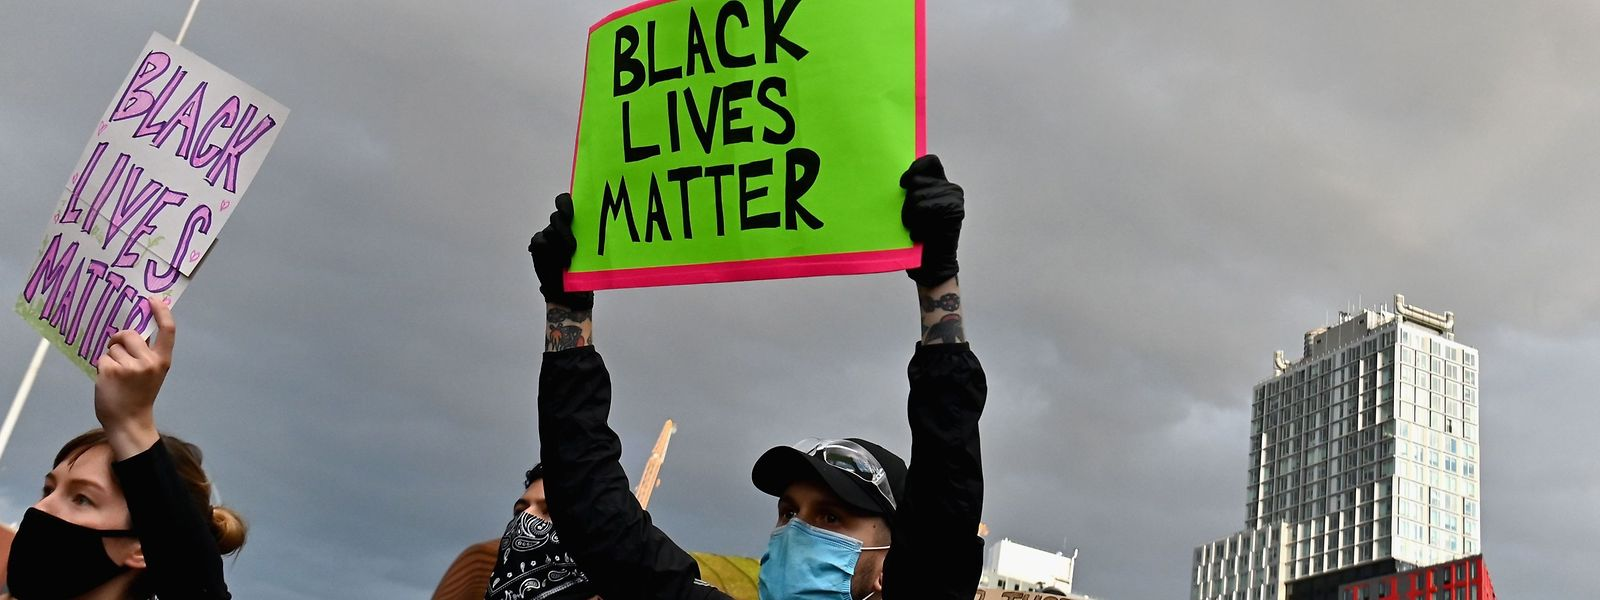 Zahlreiche Stars unterstützen die Proteste gegen Polizeigewalt in den USA.